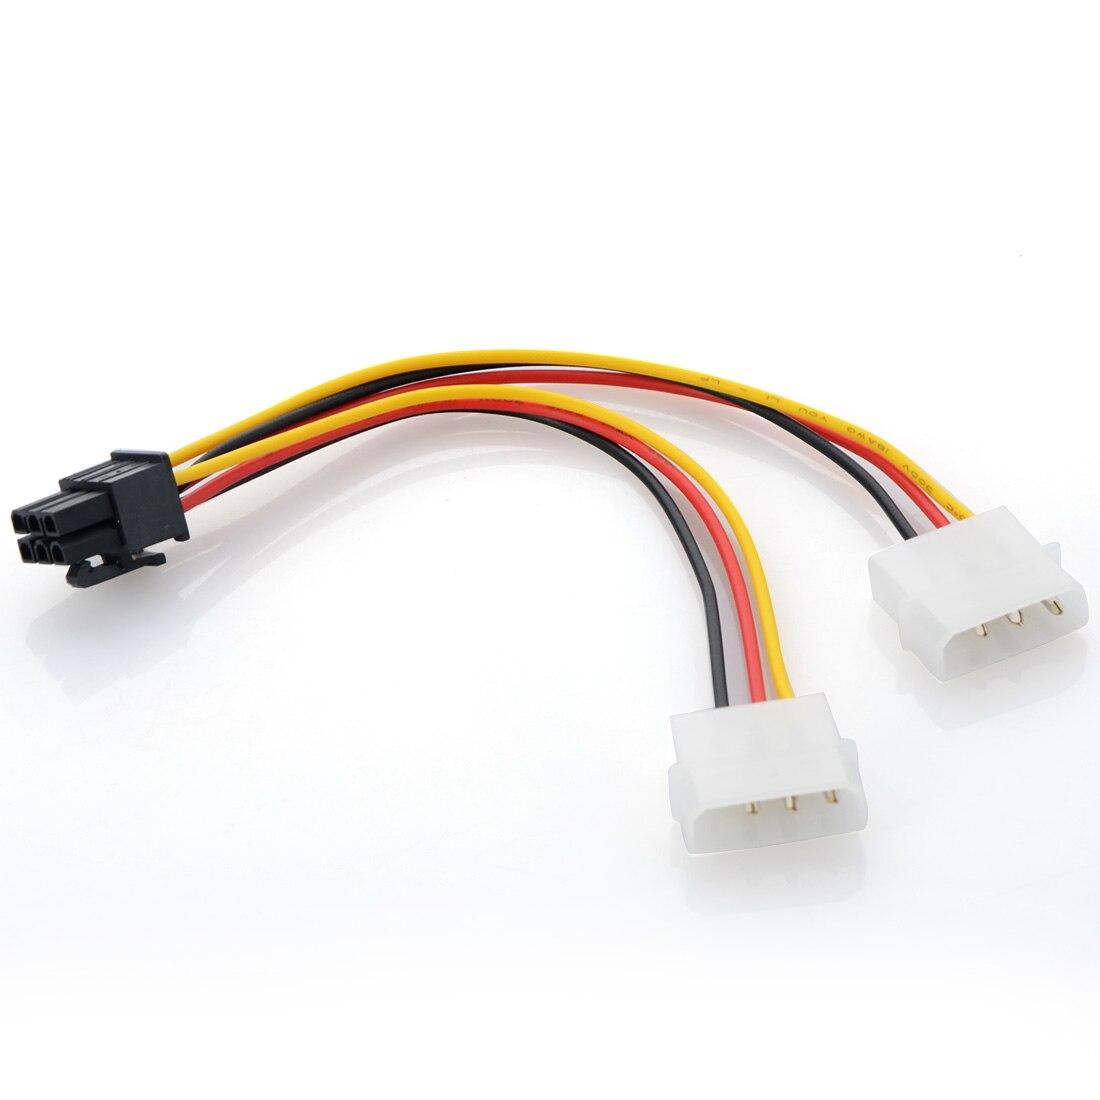 1 X Новый двойной большой 4pin к 6pin кабель адаптера питания PCI-E видеокарта внешний шнур питания P15